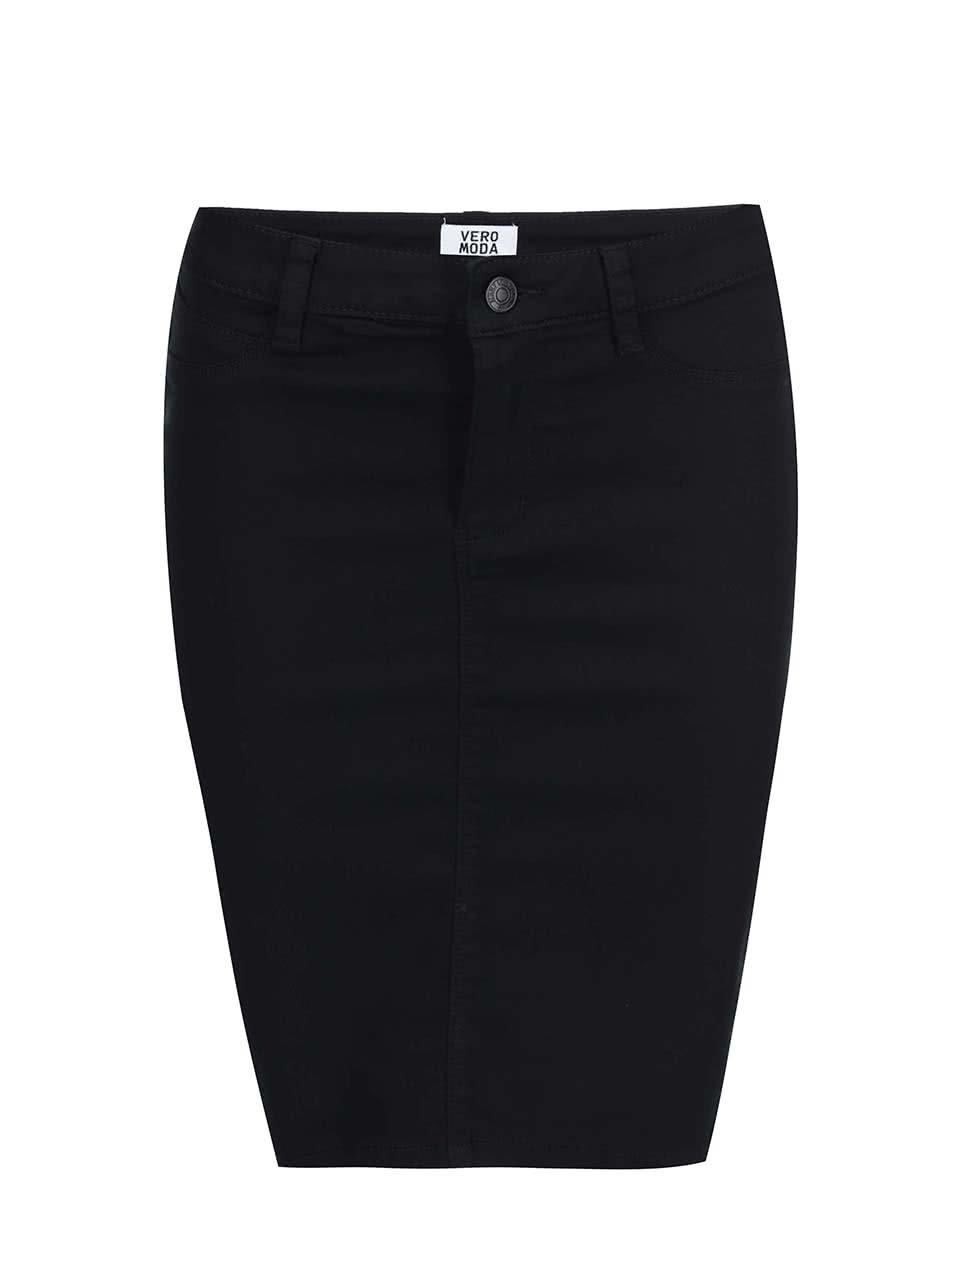 Černá přiléhavá sukně Vero Moda Flex